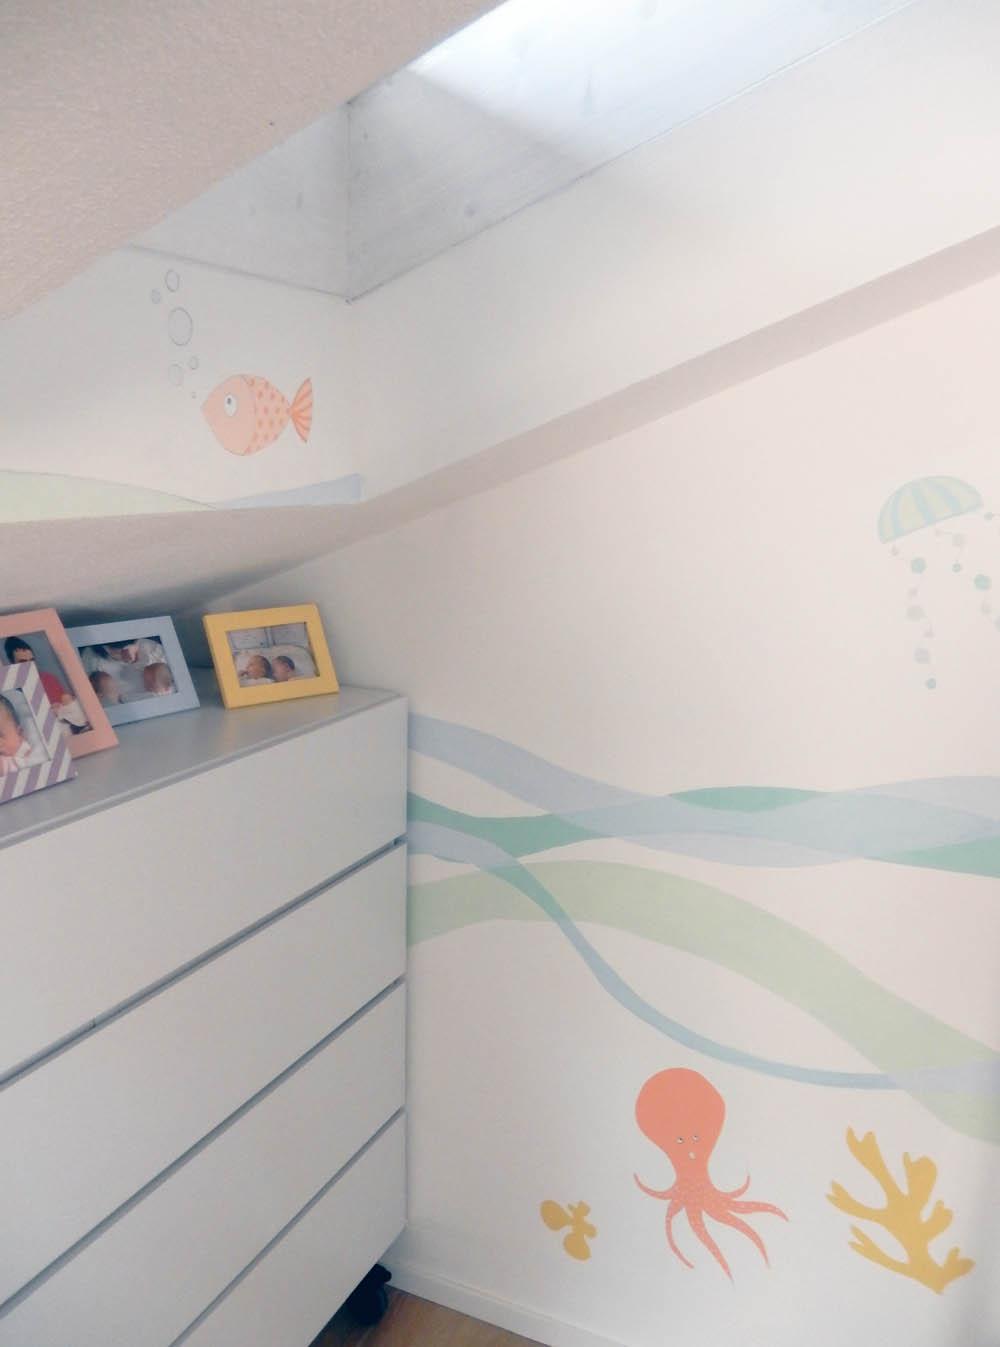 Decorazioni muri camerette disegno idea disegni per - Decorazioni pareti bambini ...